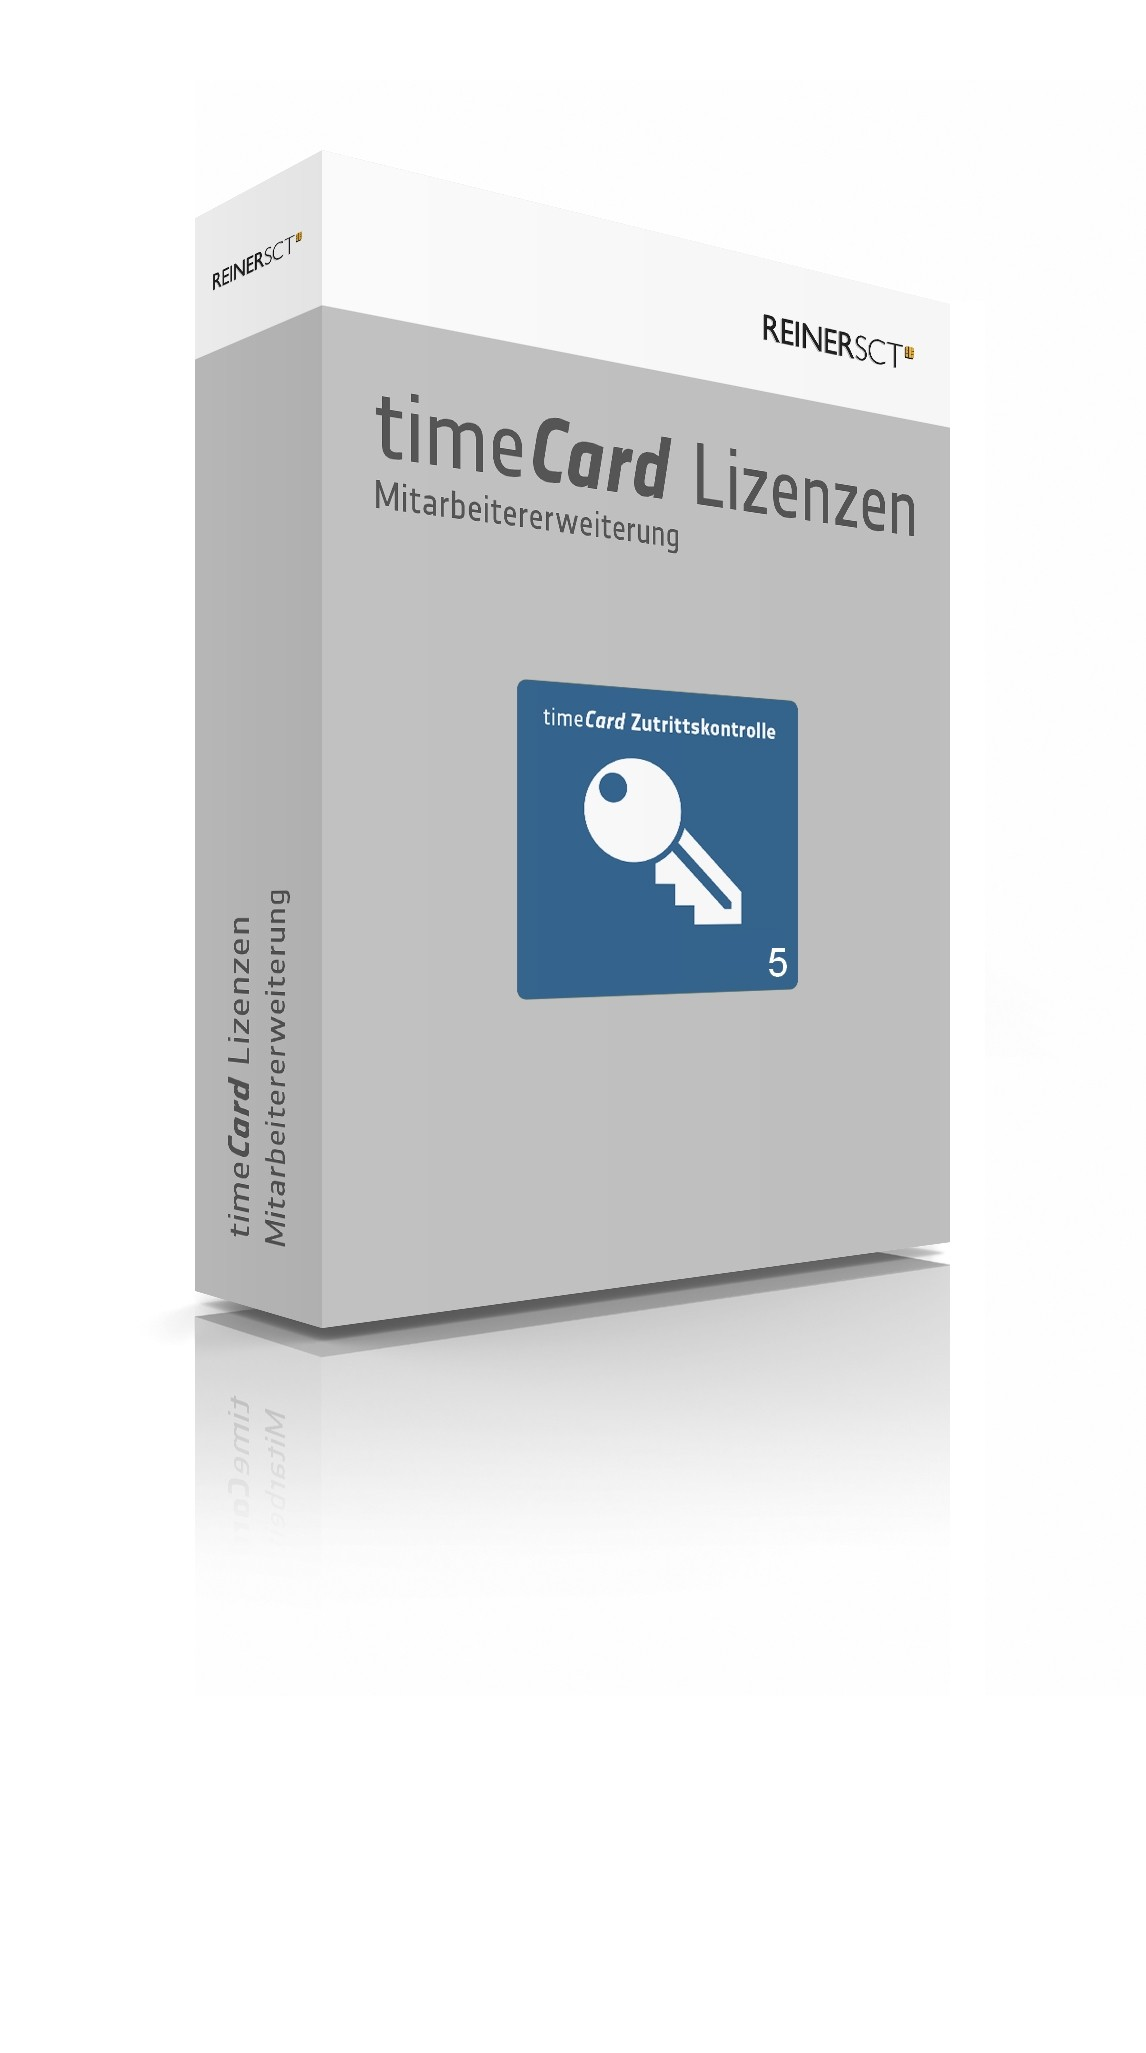 REINER SCT timeCard 6 ZuKo Erweiterung 5 Mitarbeiter, Lizenz